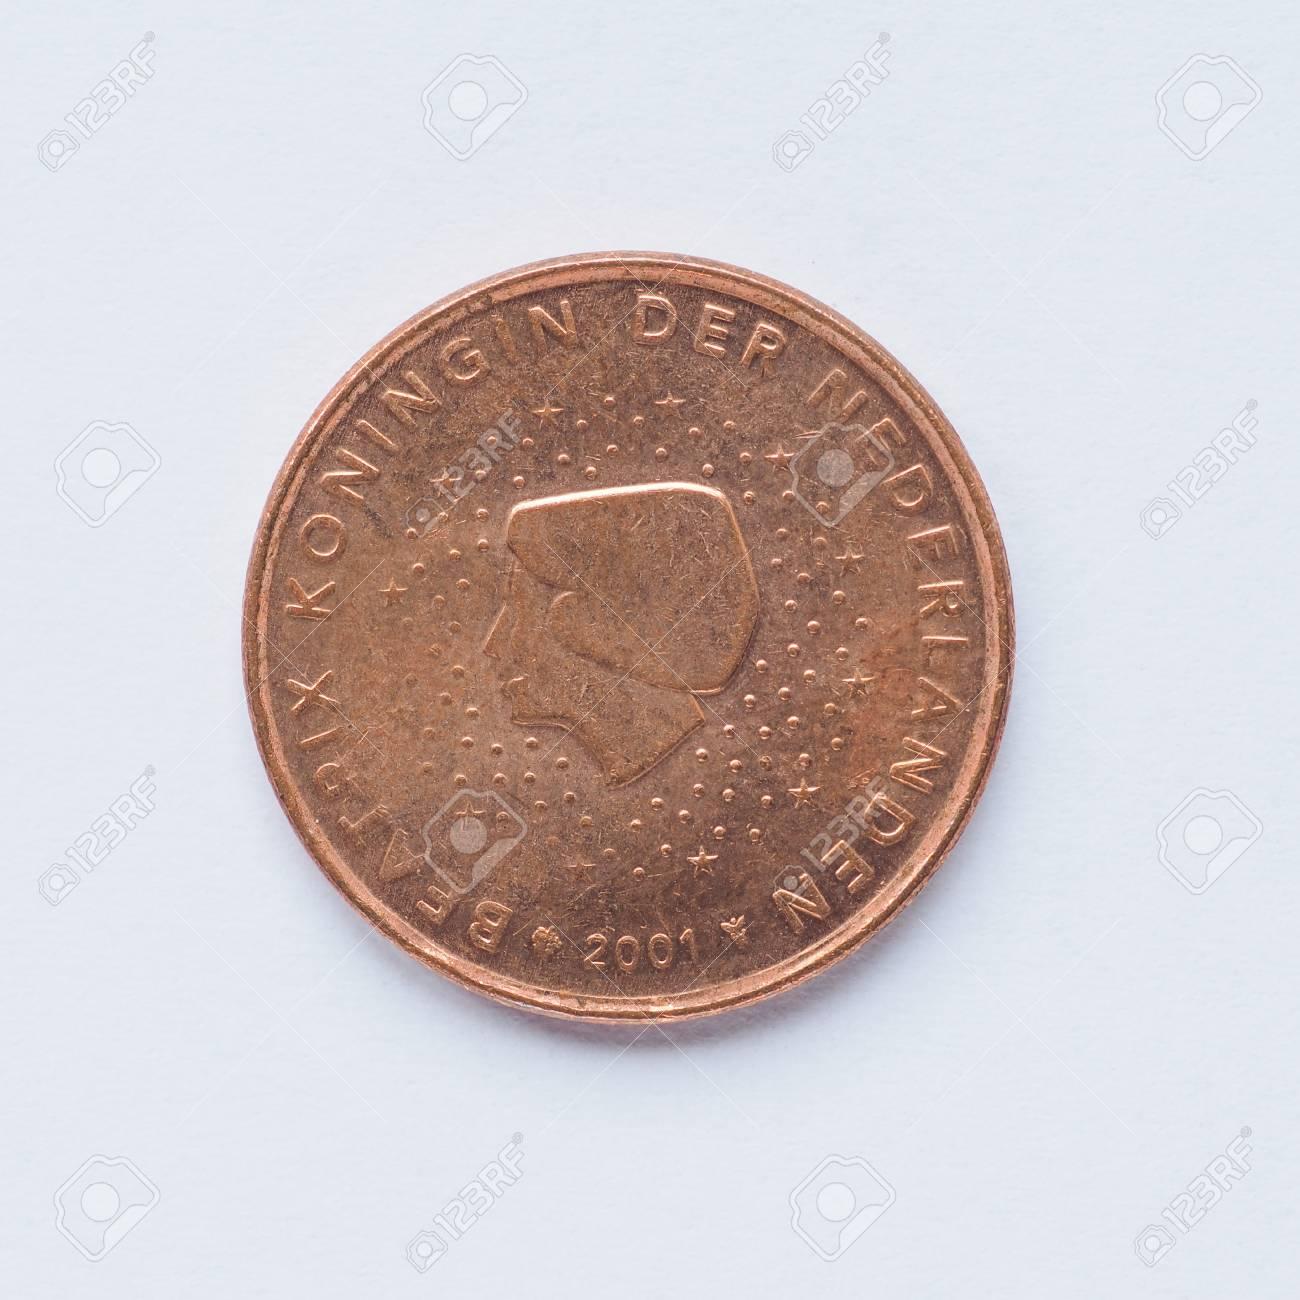 Währung Europa 5 Cent Münze Aus Niederlande Lizenzfreie Fotos